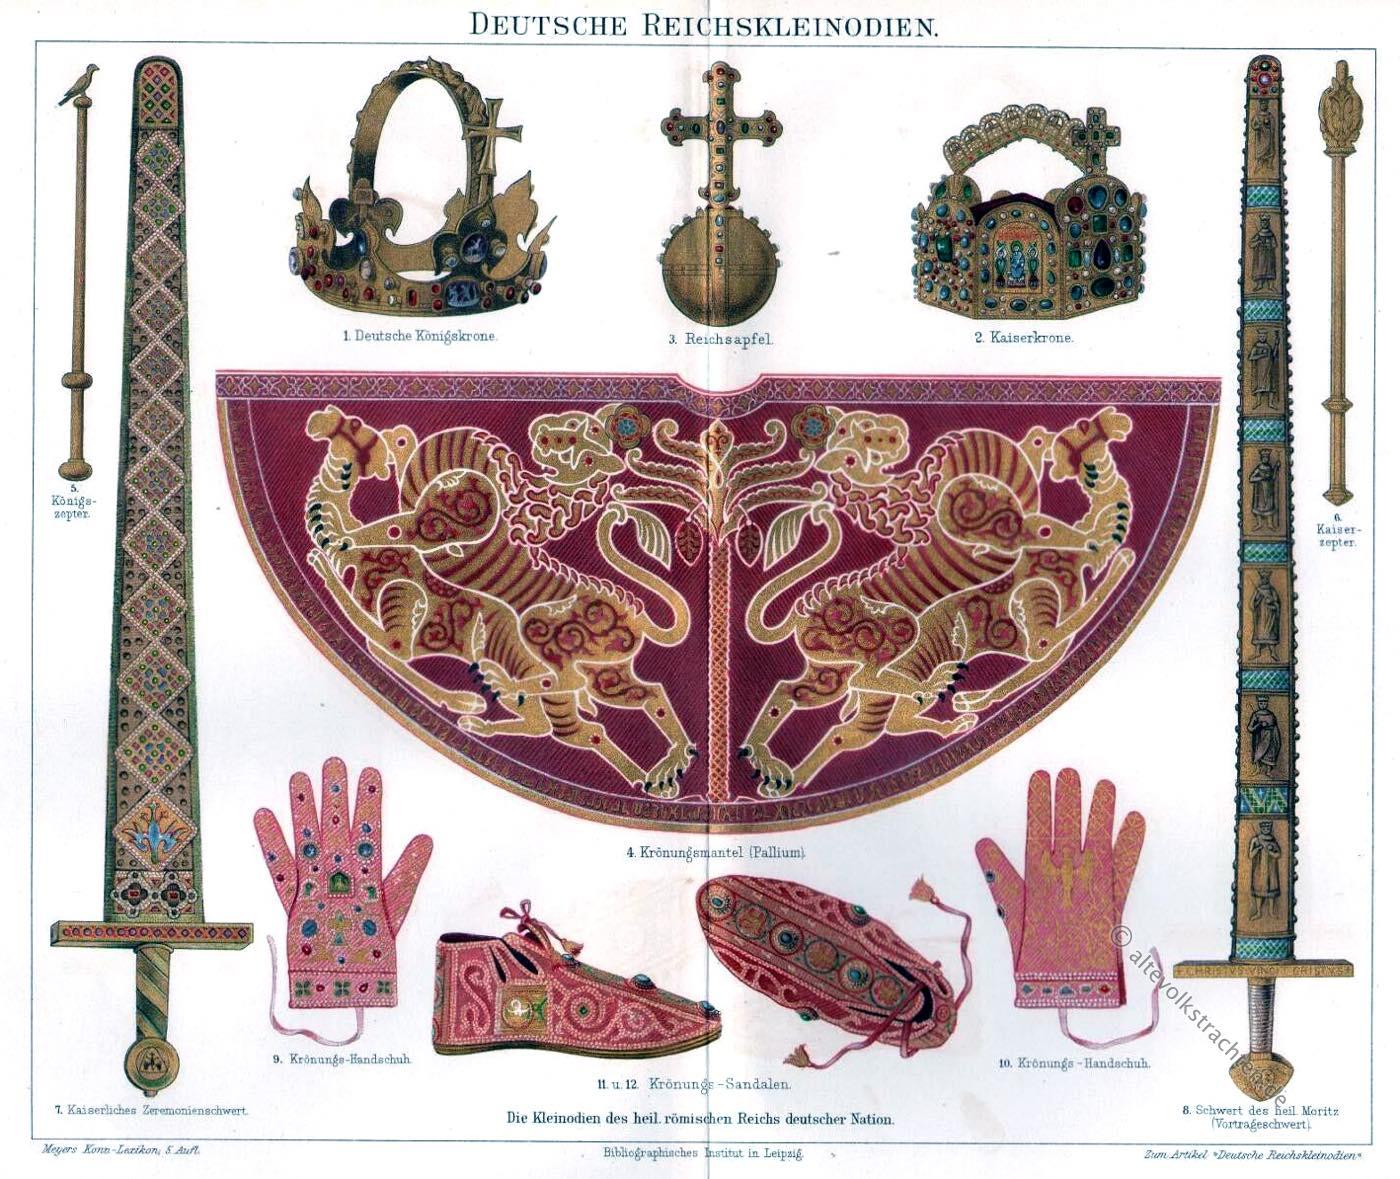 Reichskleinodien, Herrschaftsinsignien, Kaiser, Könige, Heiliges Römisches Reich,